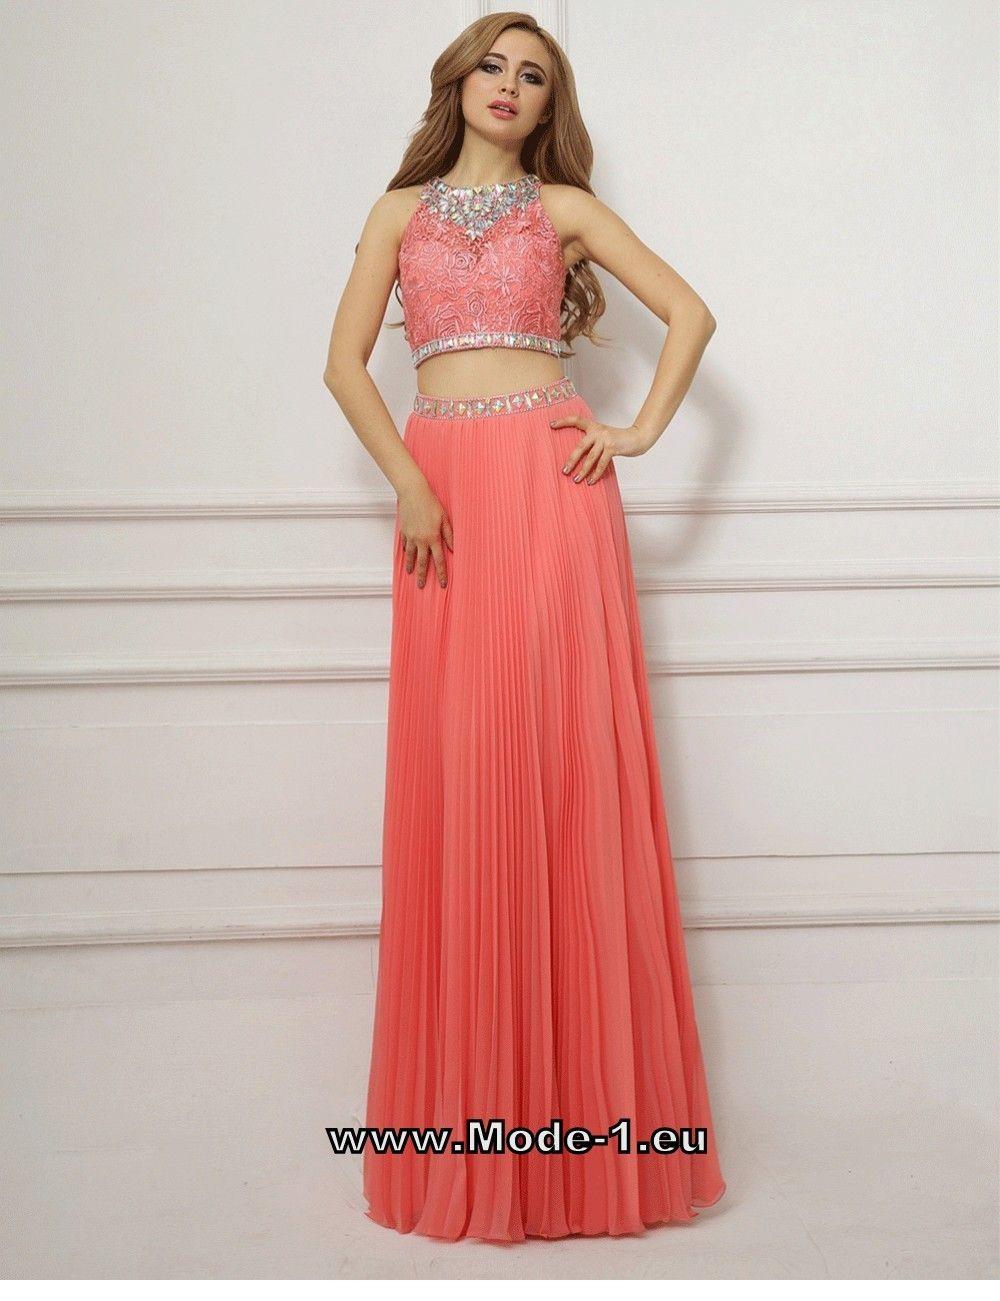 Luxus Abendkleider 2 Teilig Bester Preis Einfach Abendkleider 2 Teilig Stylish